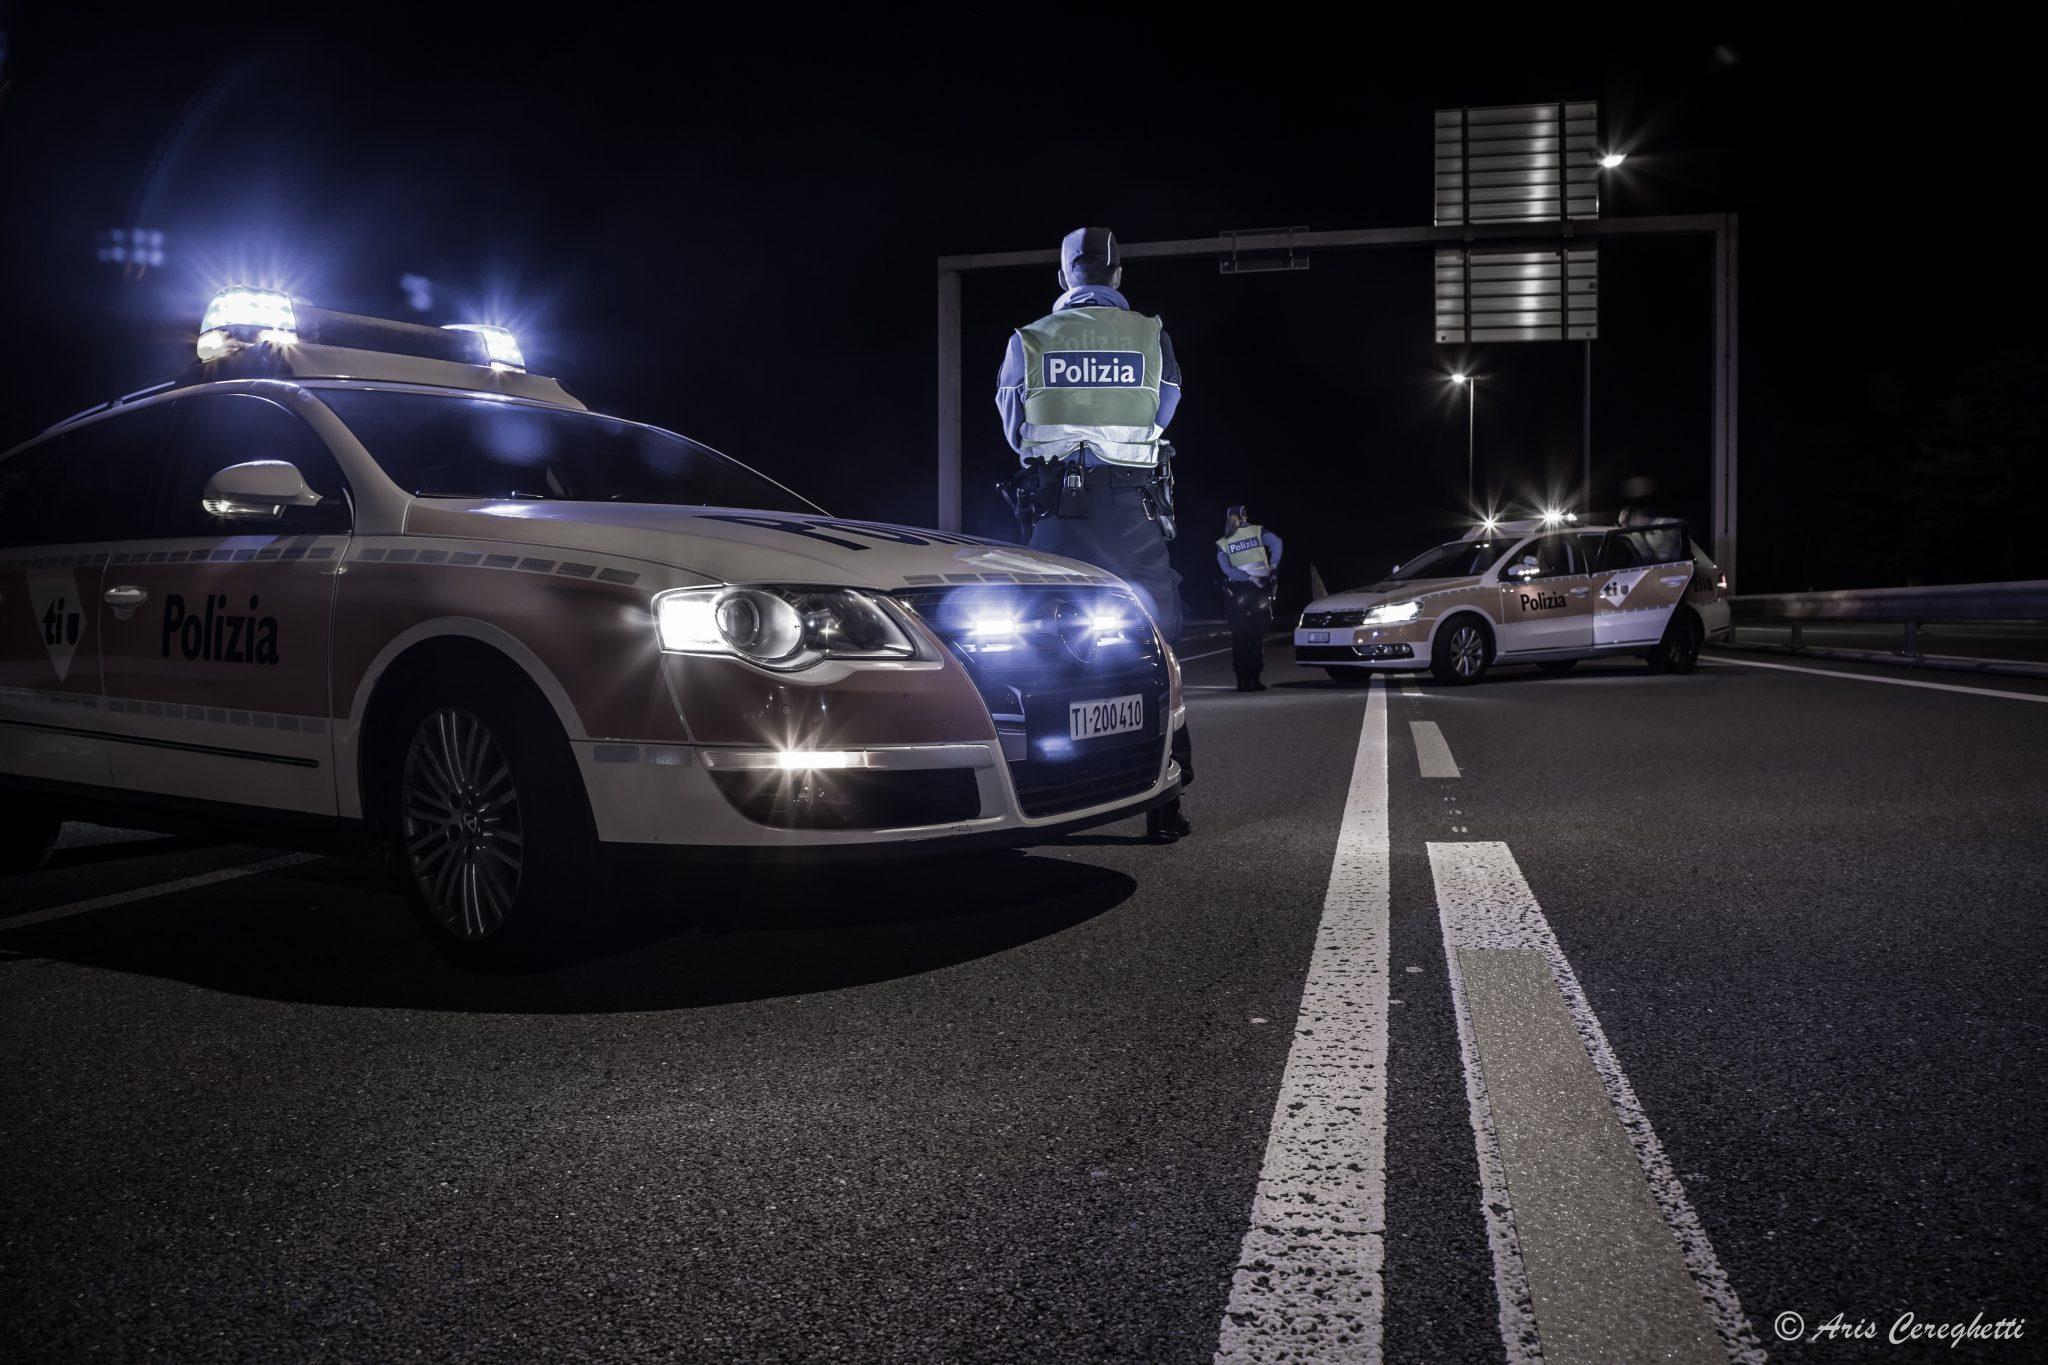 Sicurezza: sempre più poliziotti